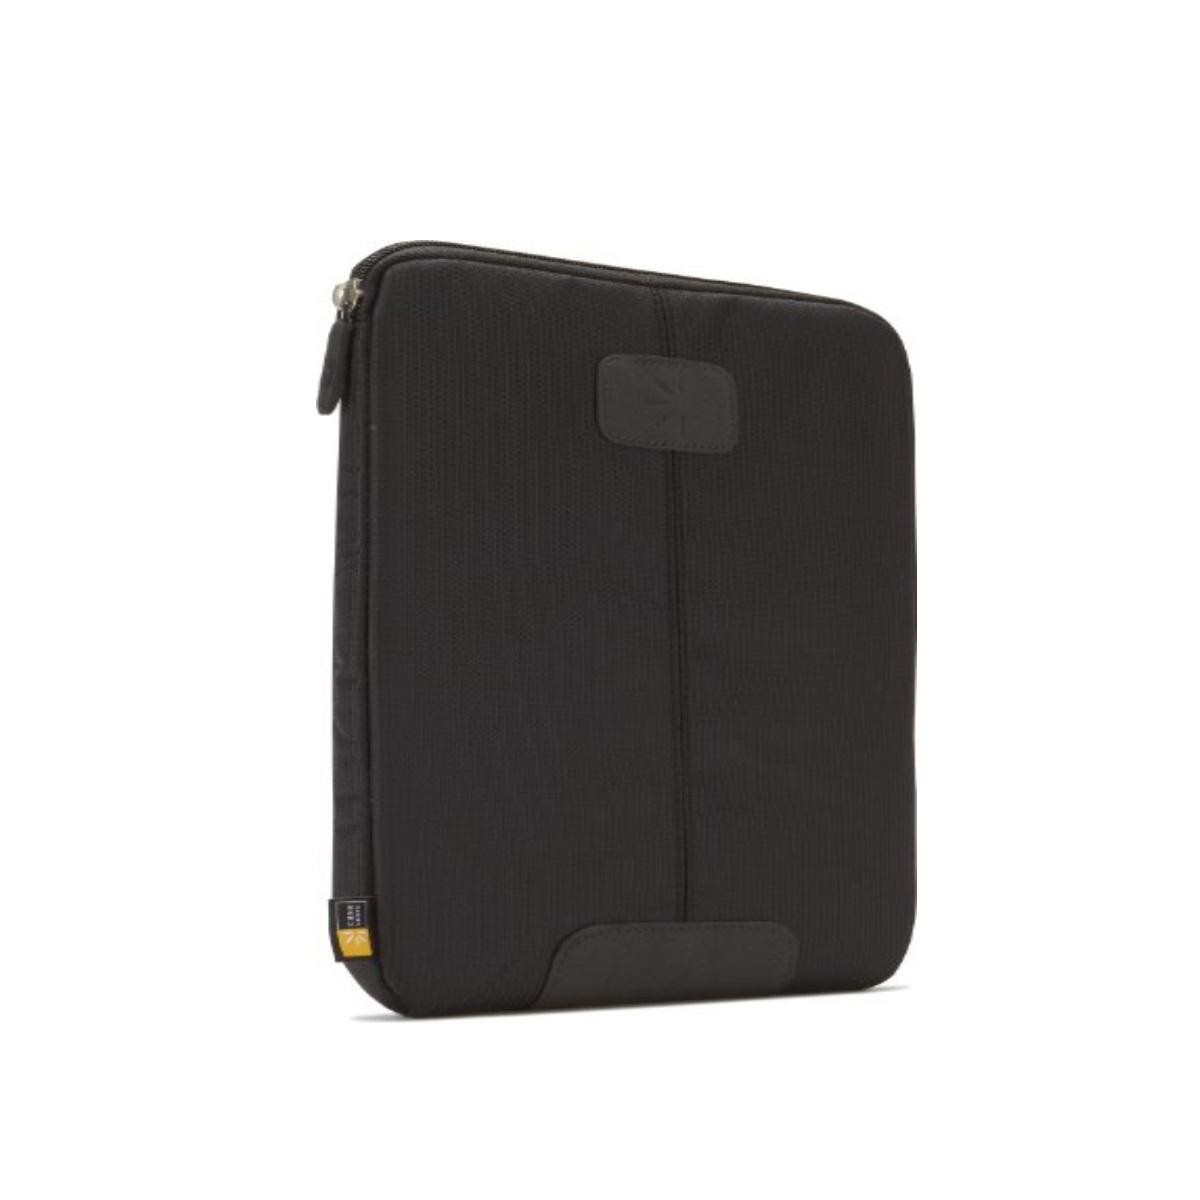 Case Logic EKC-102 Nylon Kindle DX Sleeve for 2nd Generation Black